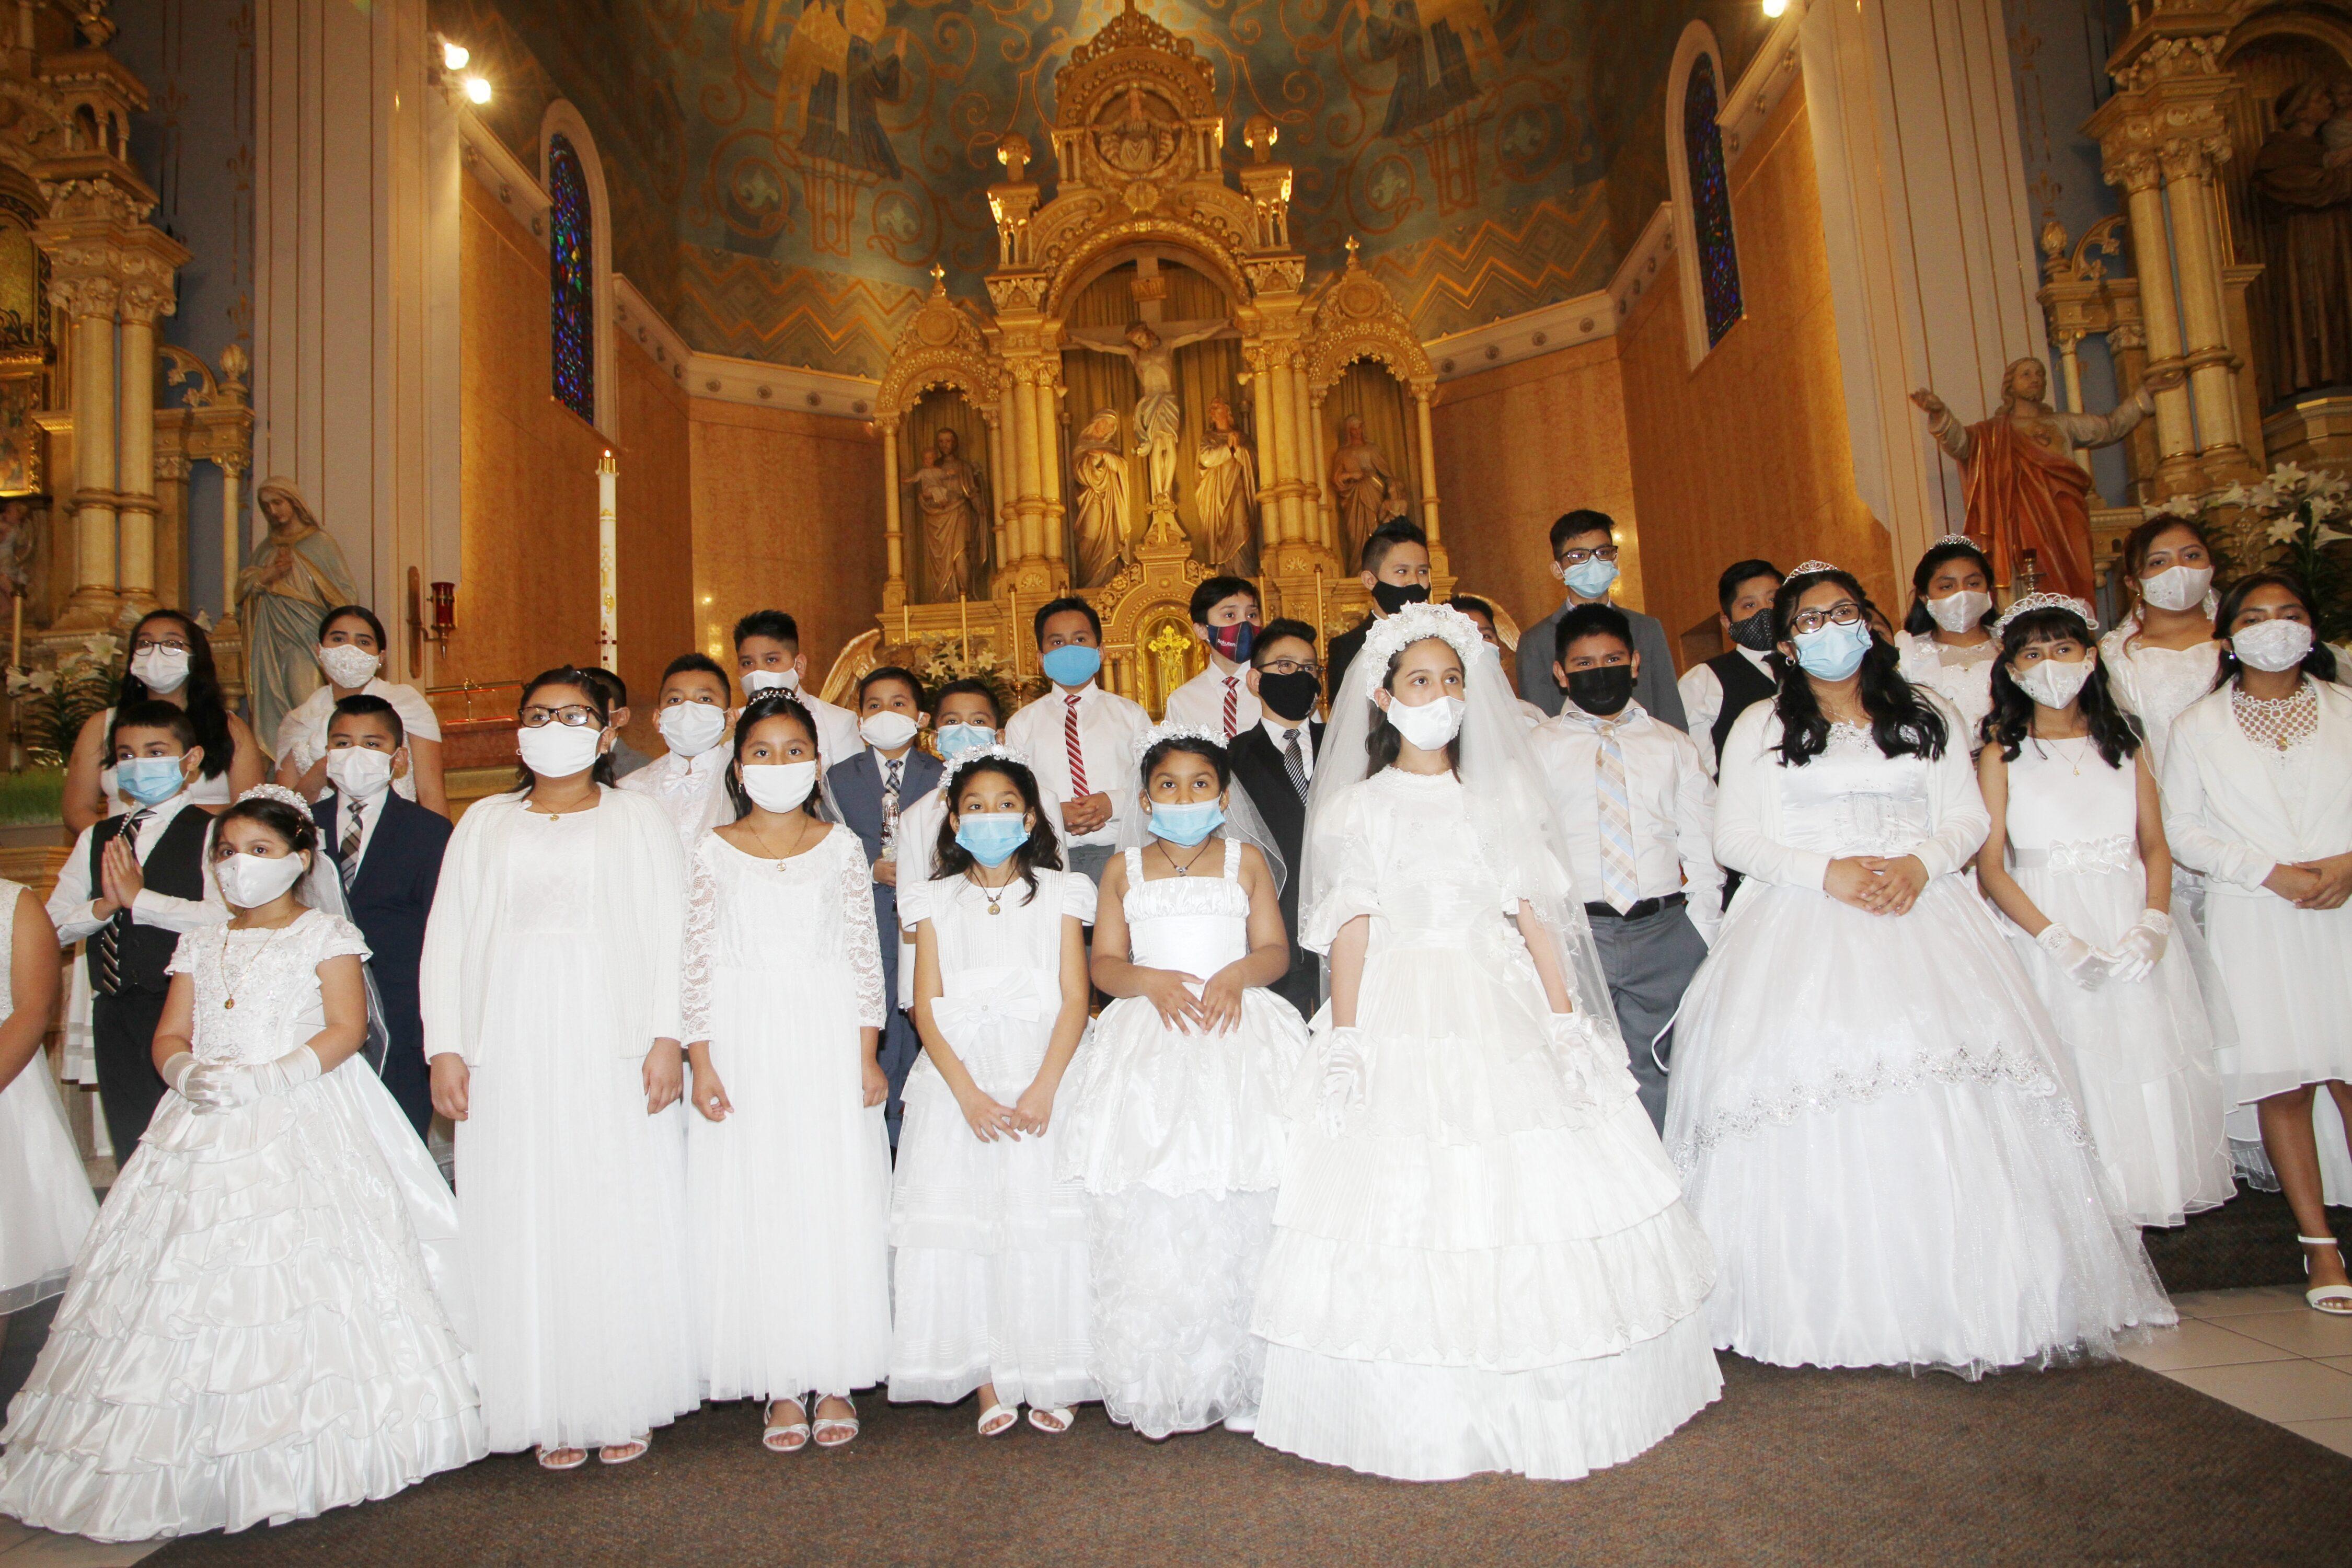 Foto pracial de la Primera Comunion de ninos en Holy Redeemer Church